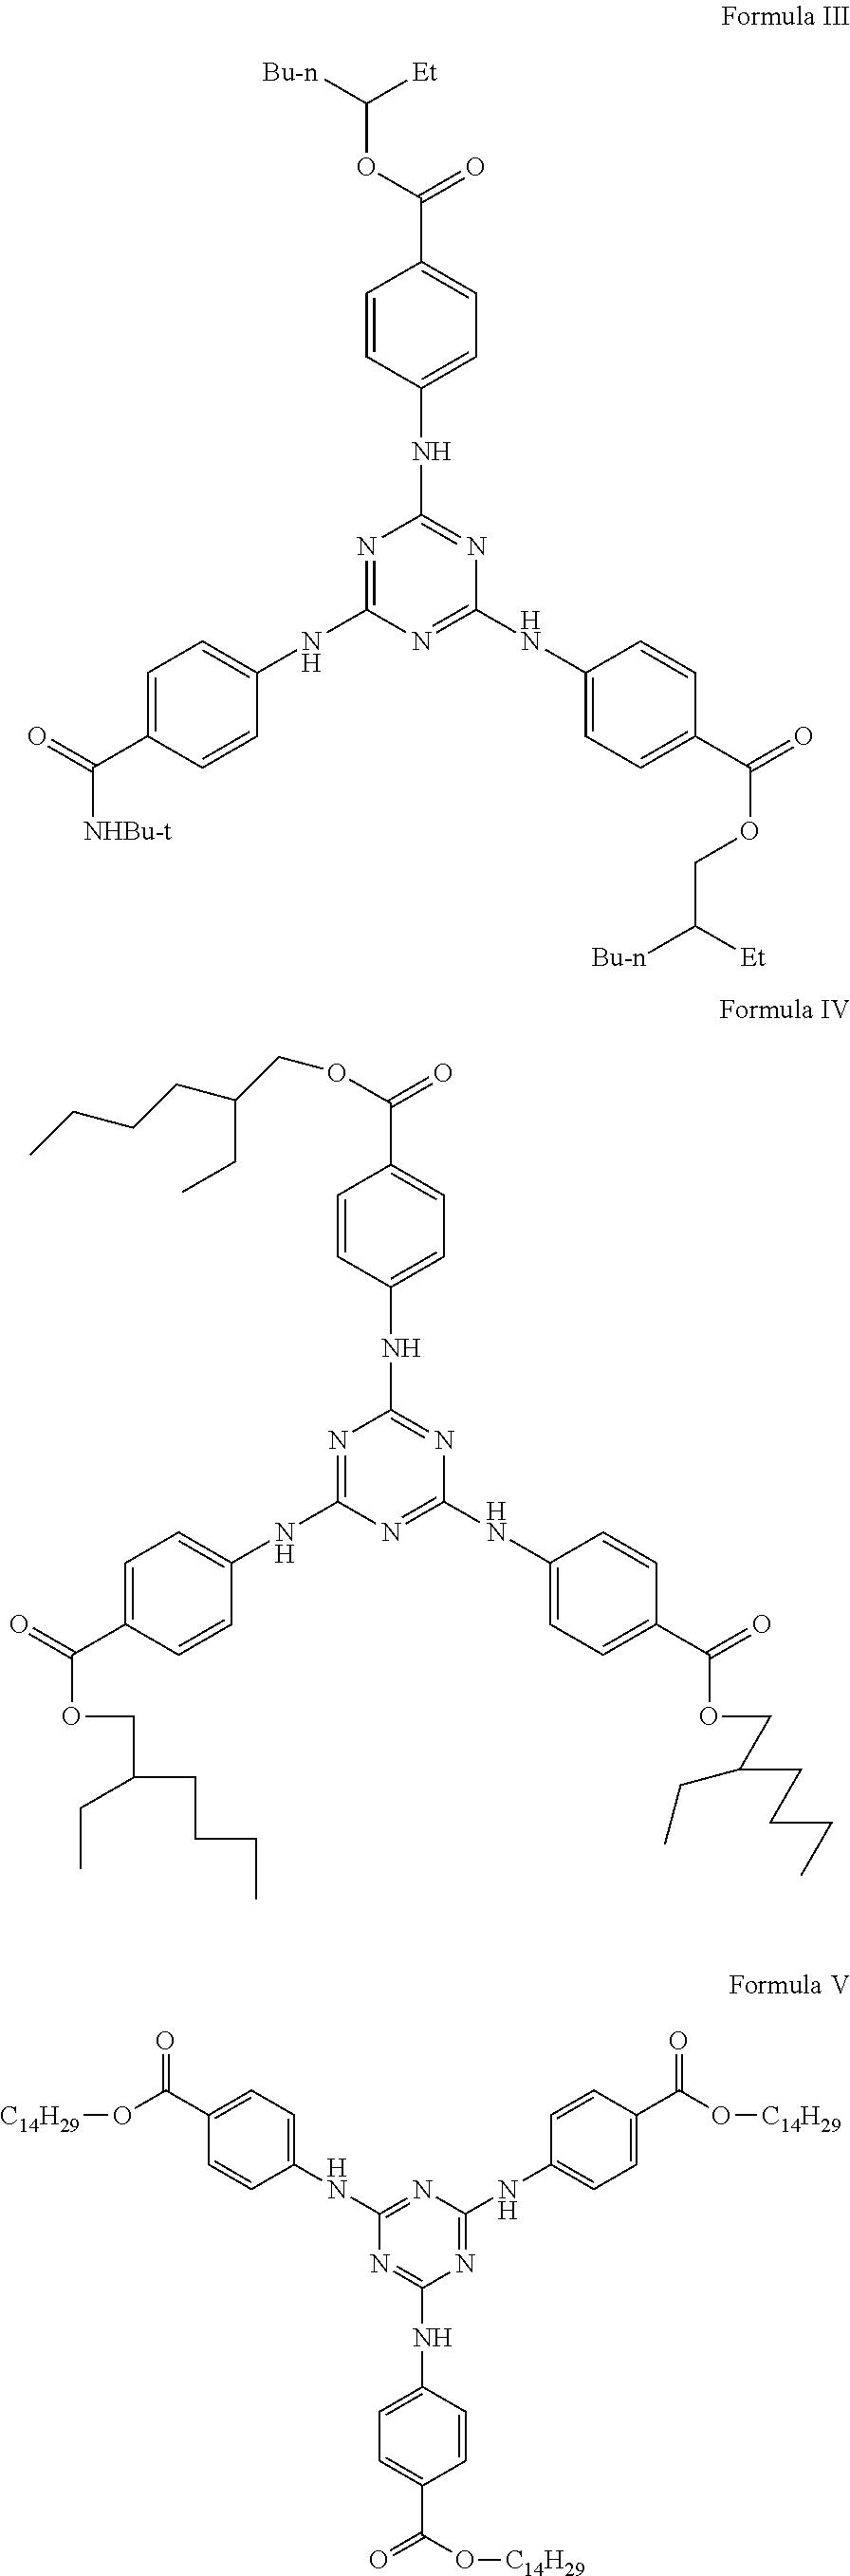 Figure US20110041471A1-20110224-C00003